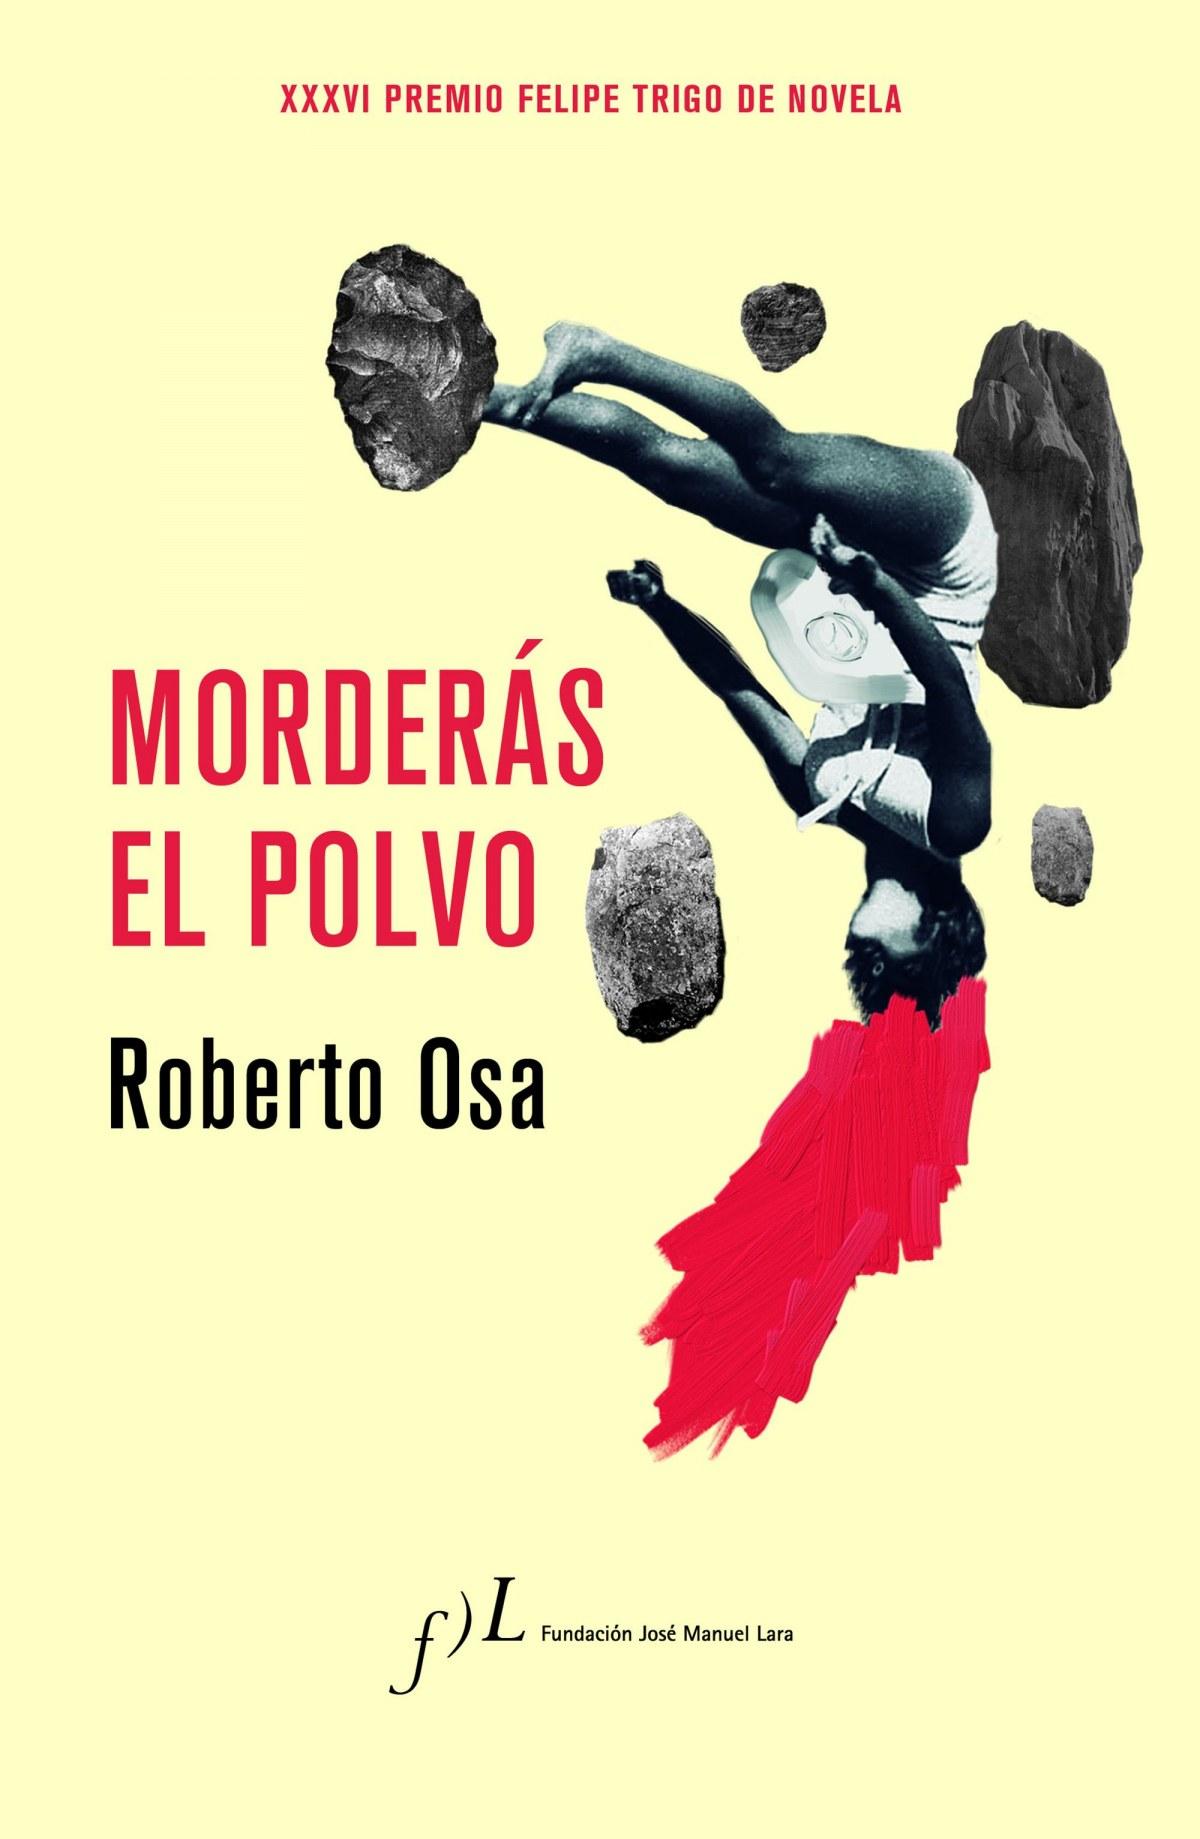 MORDERAS EL POLVO 9788415673729